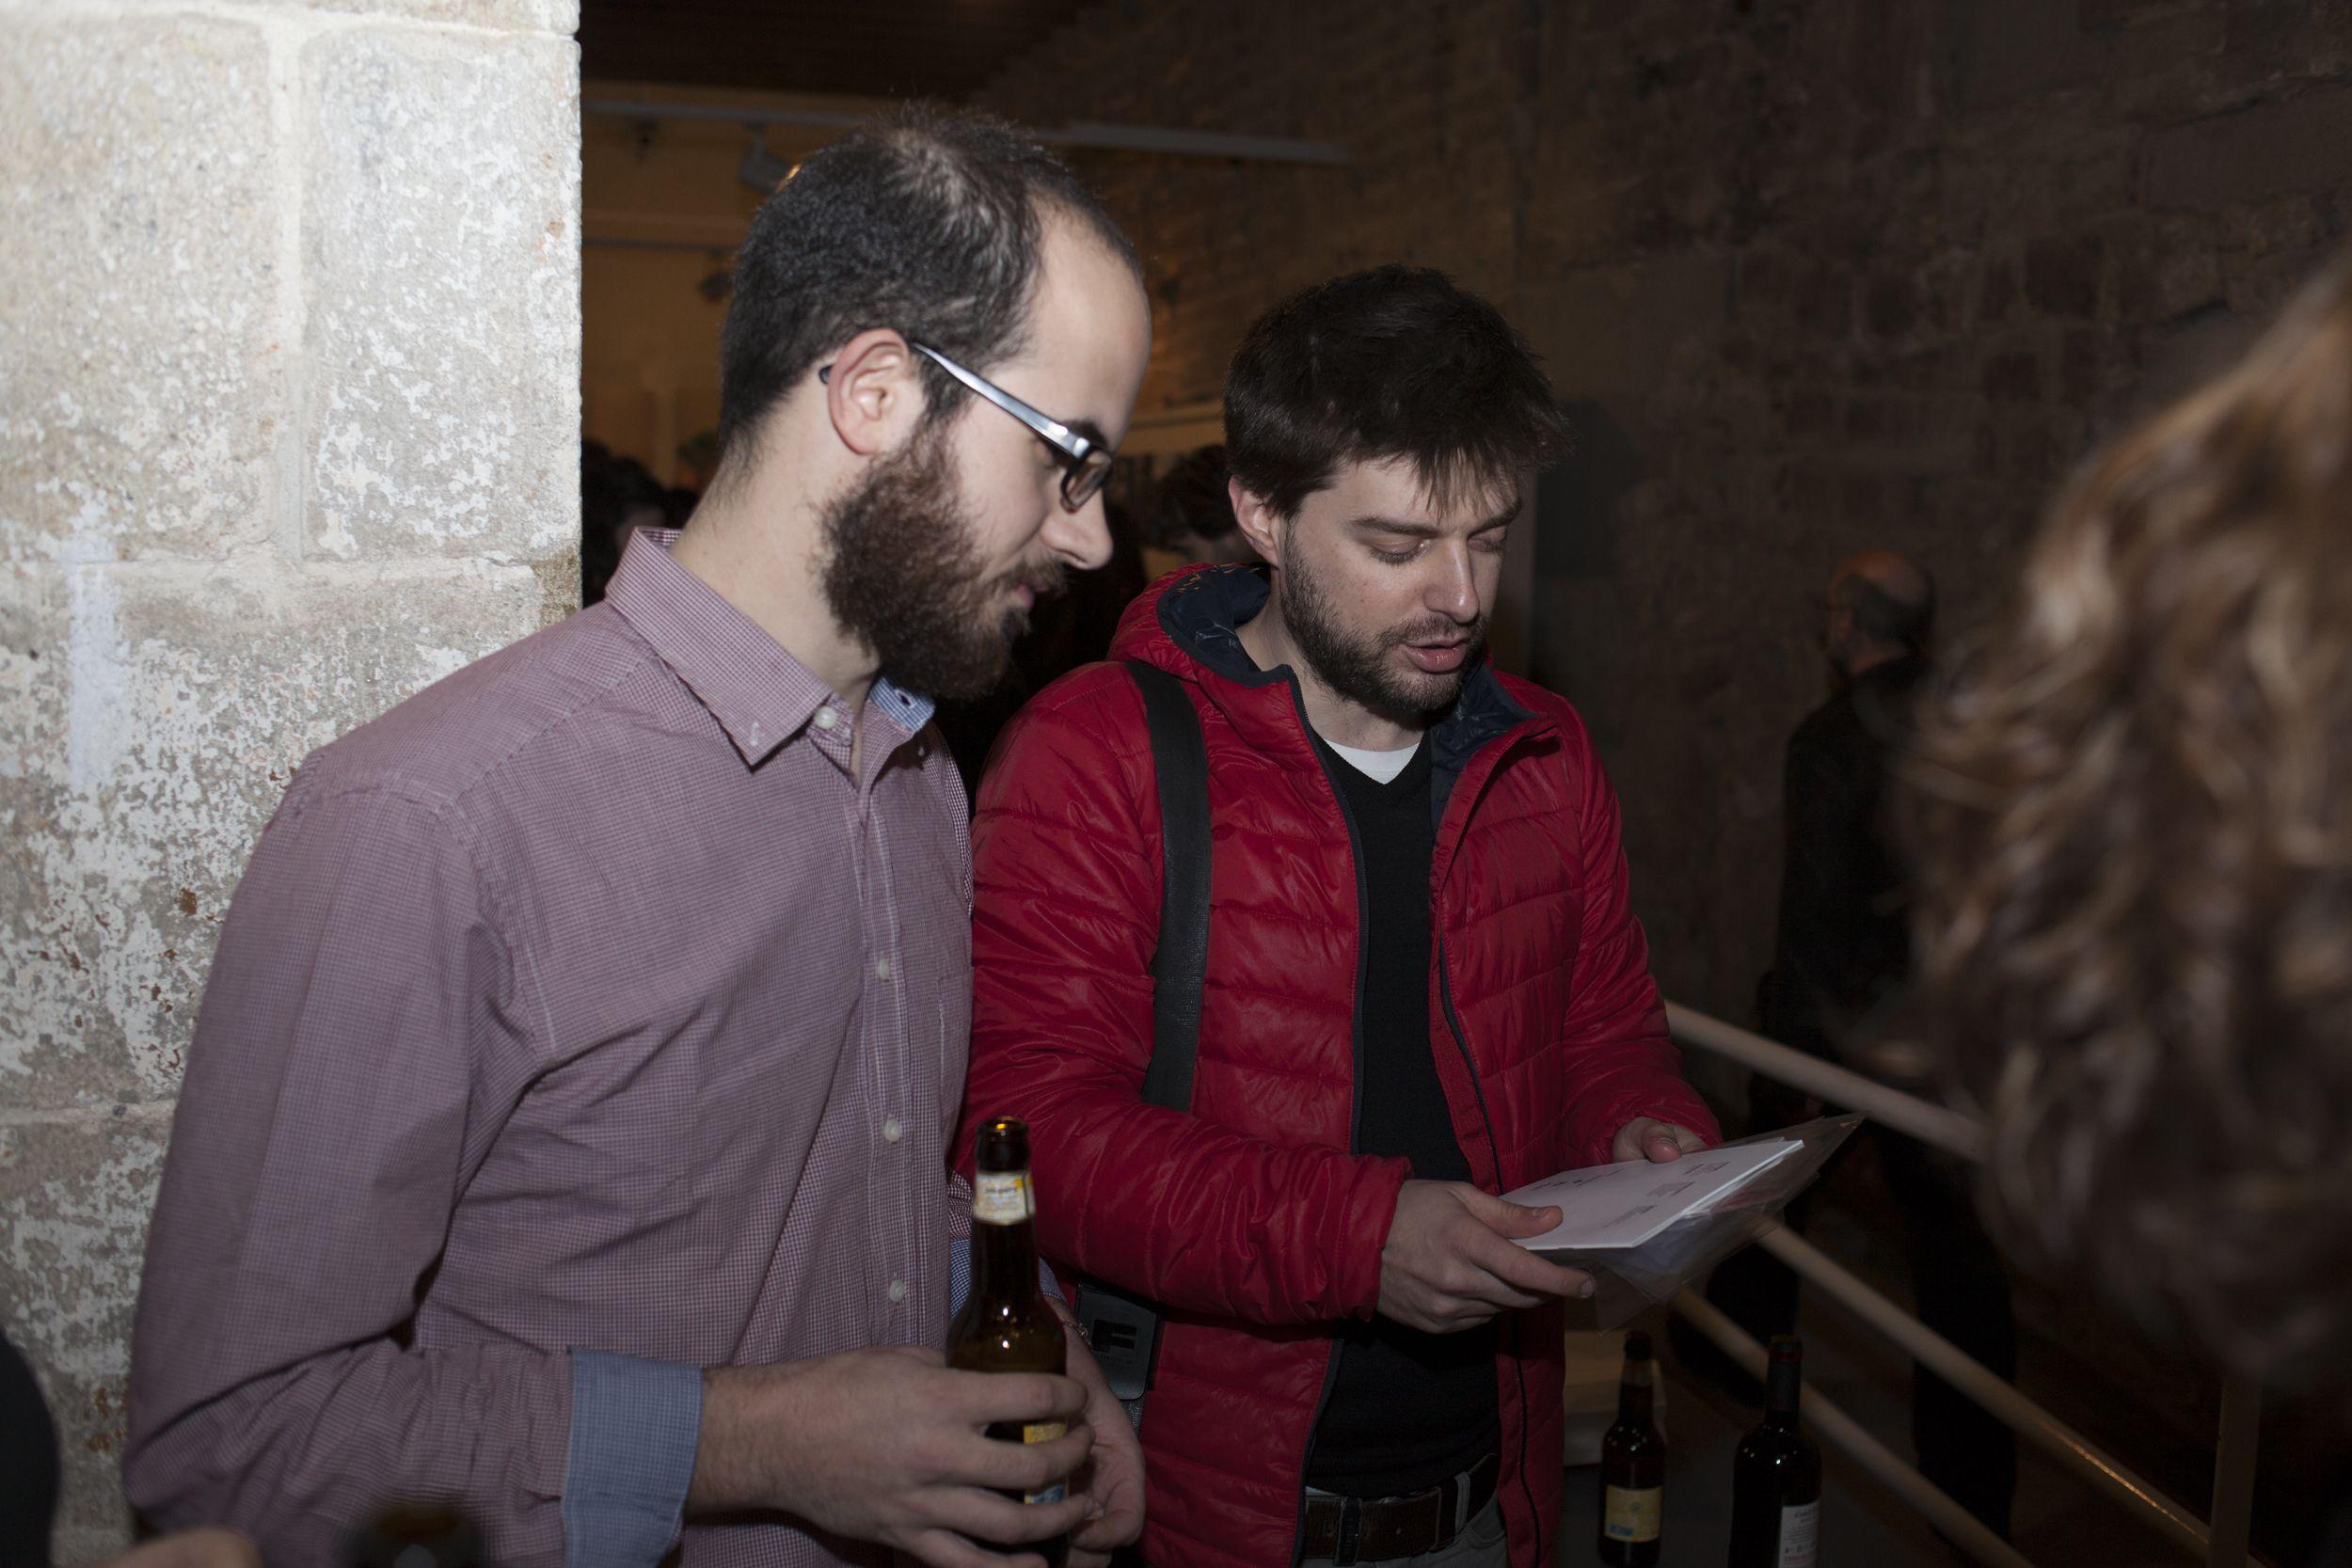 #5500K #photography #foto #mapadebits #barcelona #creatividad #miradas #colectivo #alumnos #idepbarcelona #idepfoto #patillimona #exposición #inauguración #mecenas #crowdfunding